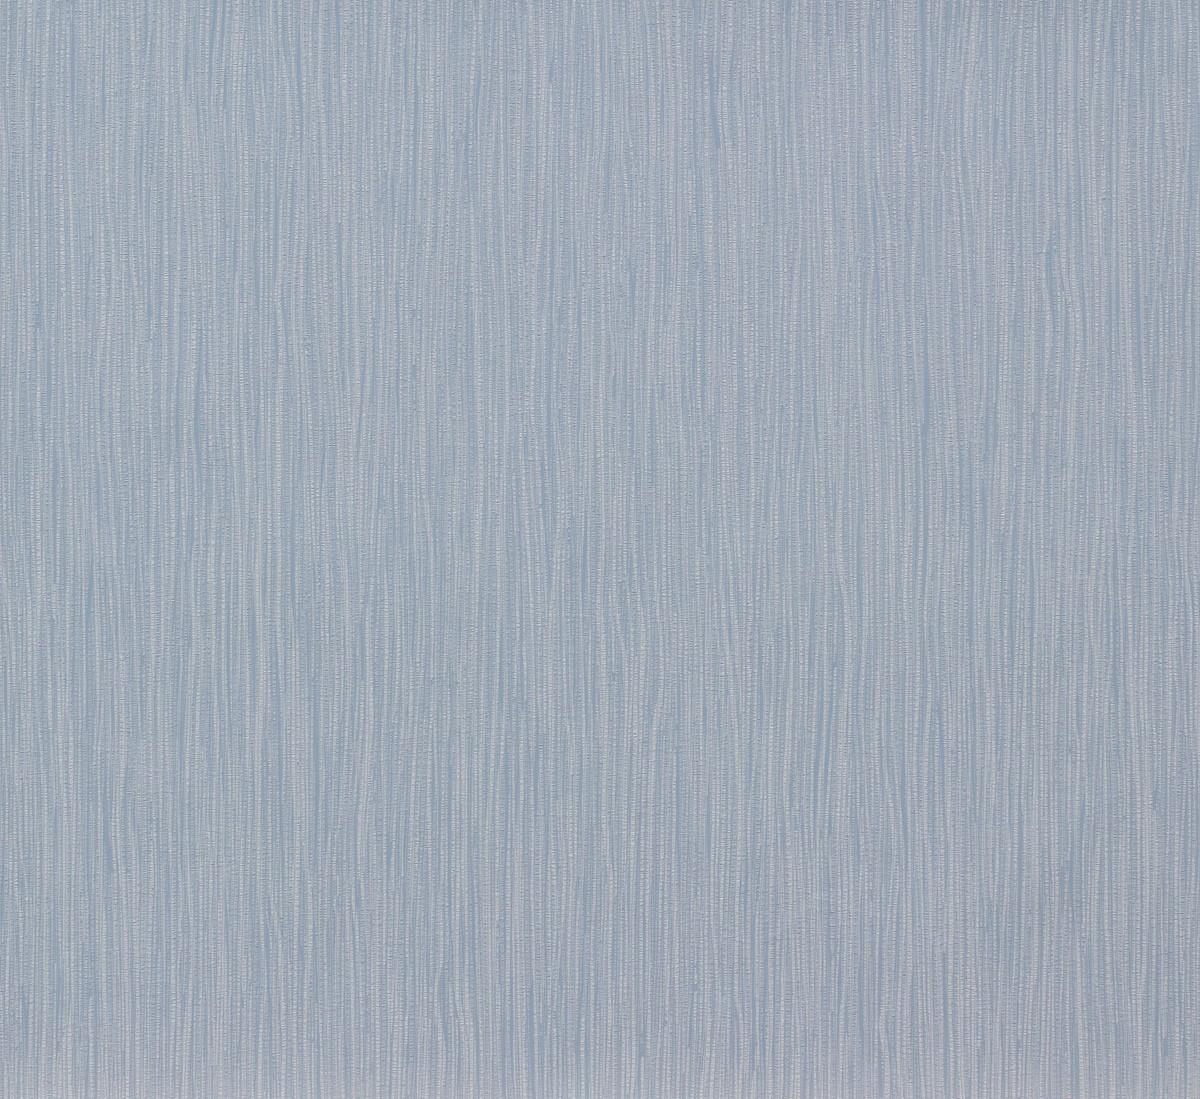 vliestapete blau wei streifen marburg 56535. Black Bedroom Furniture Sets. Home Design Ideas